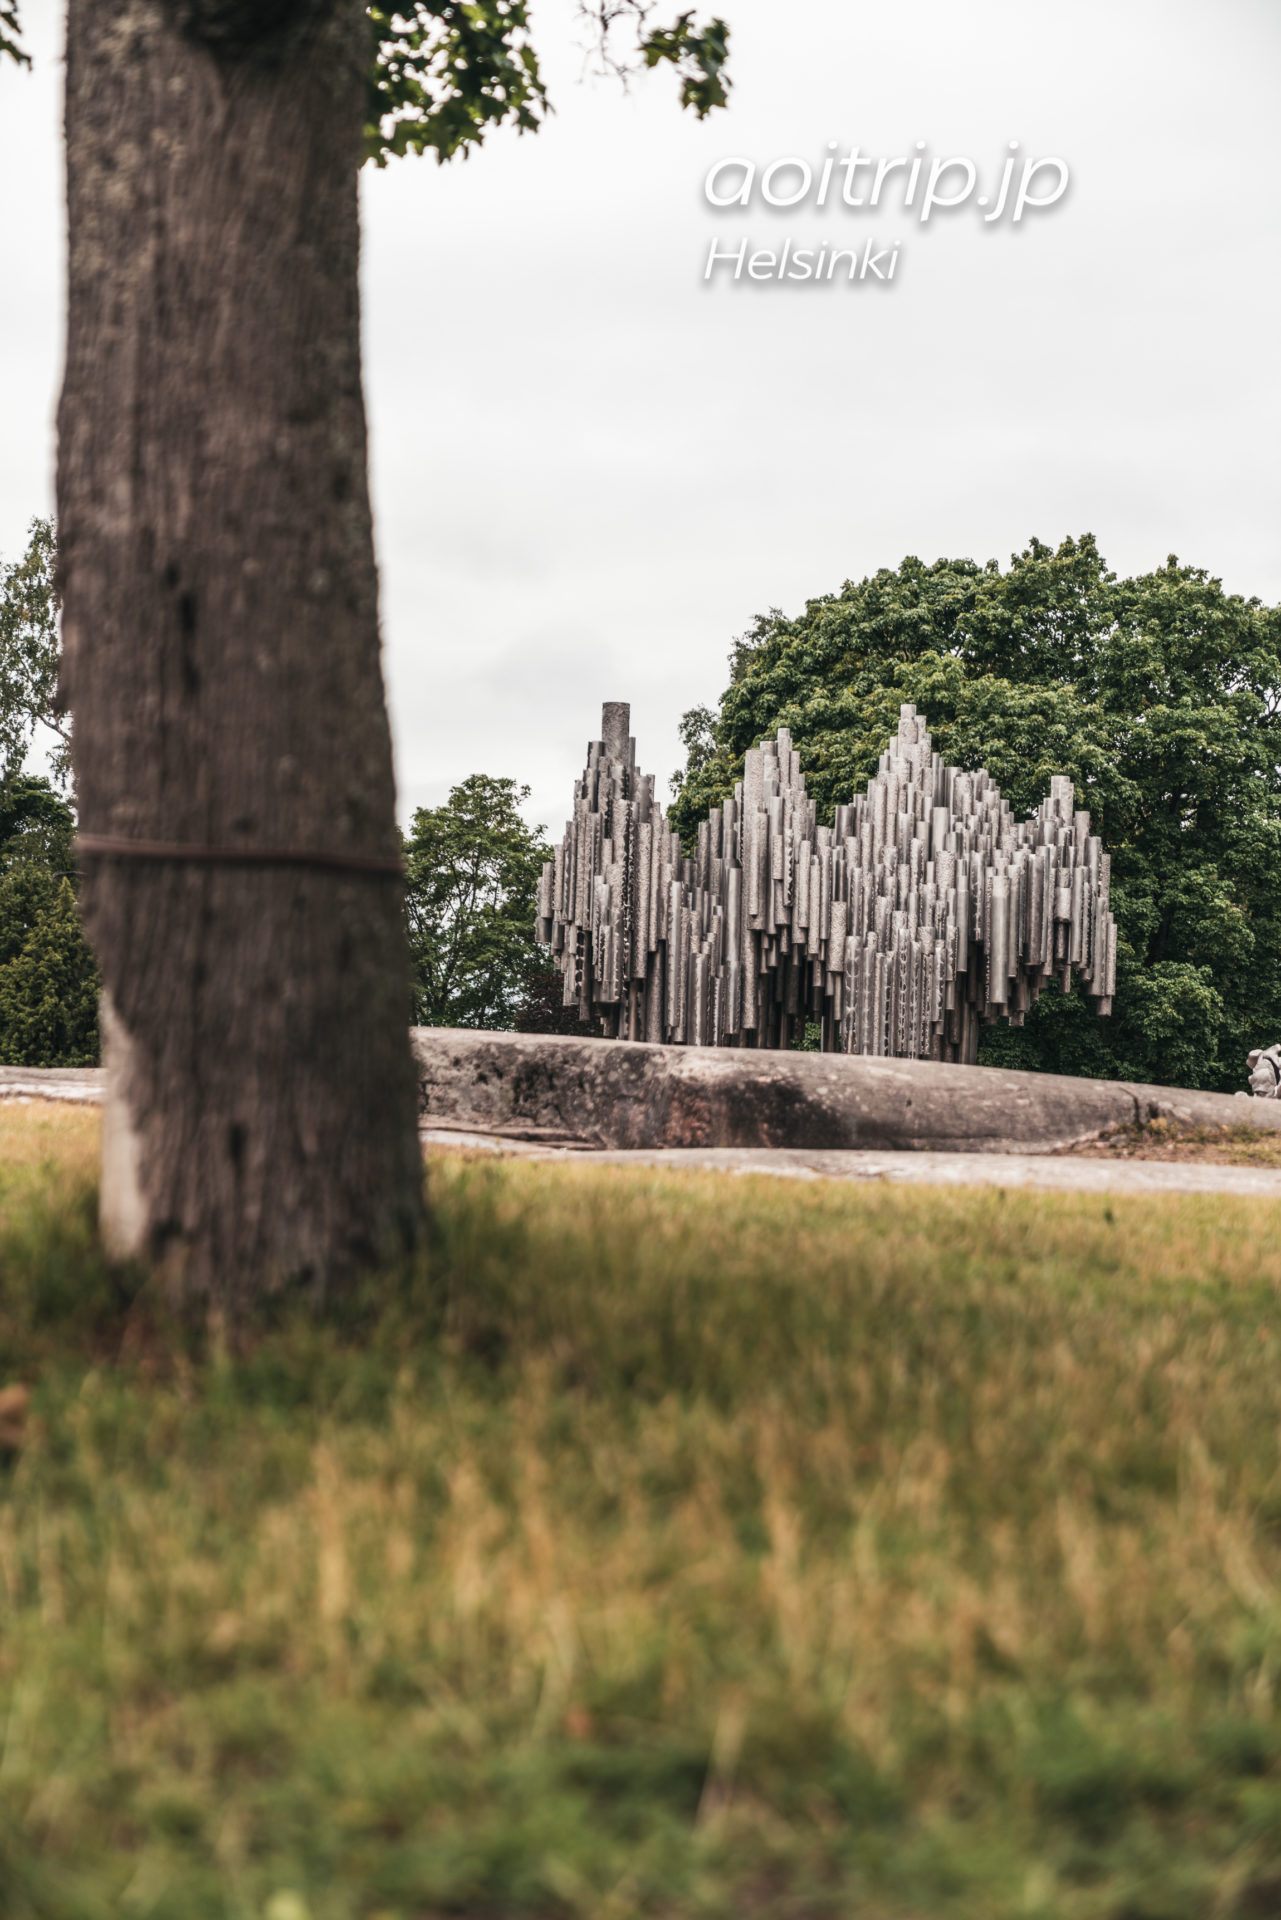 ヘルシンキのシベリウス公園